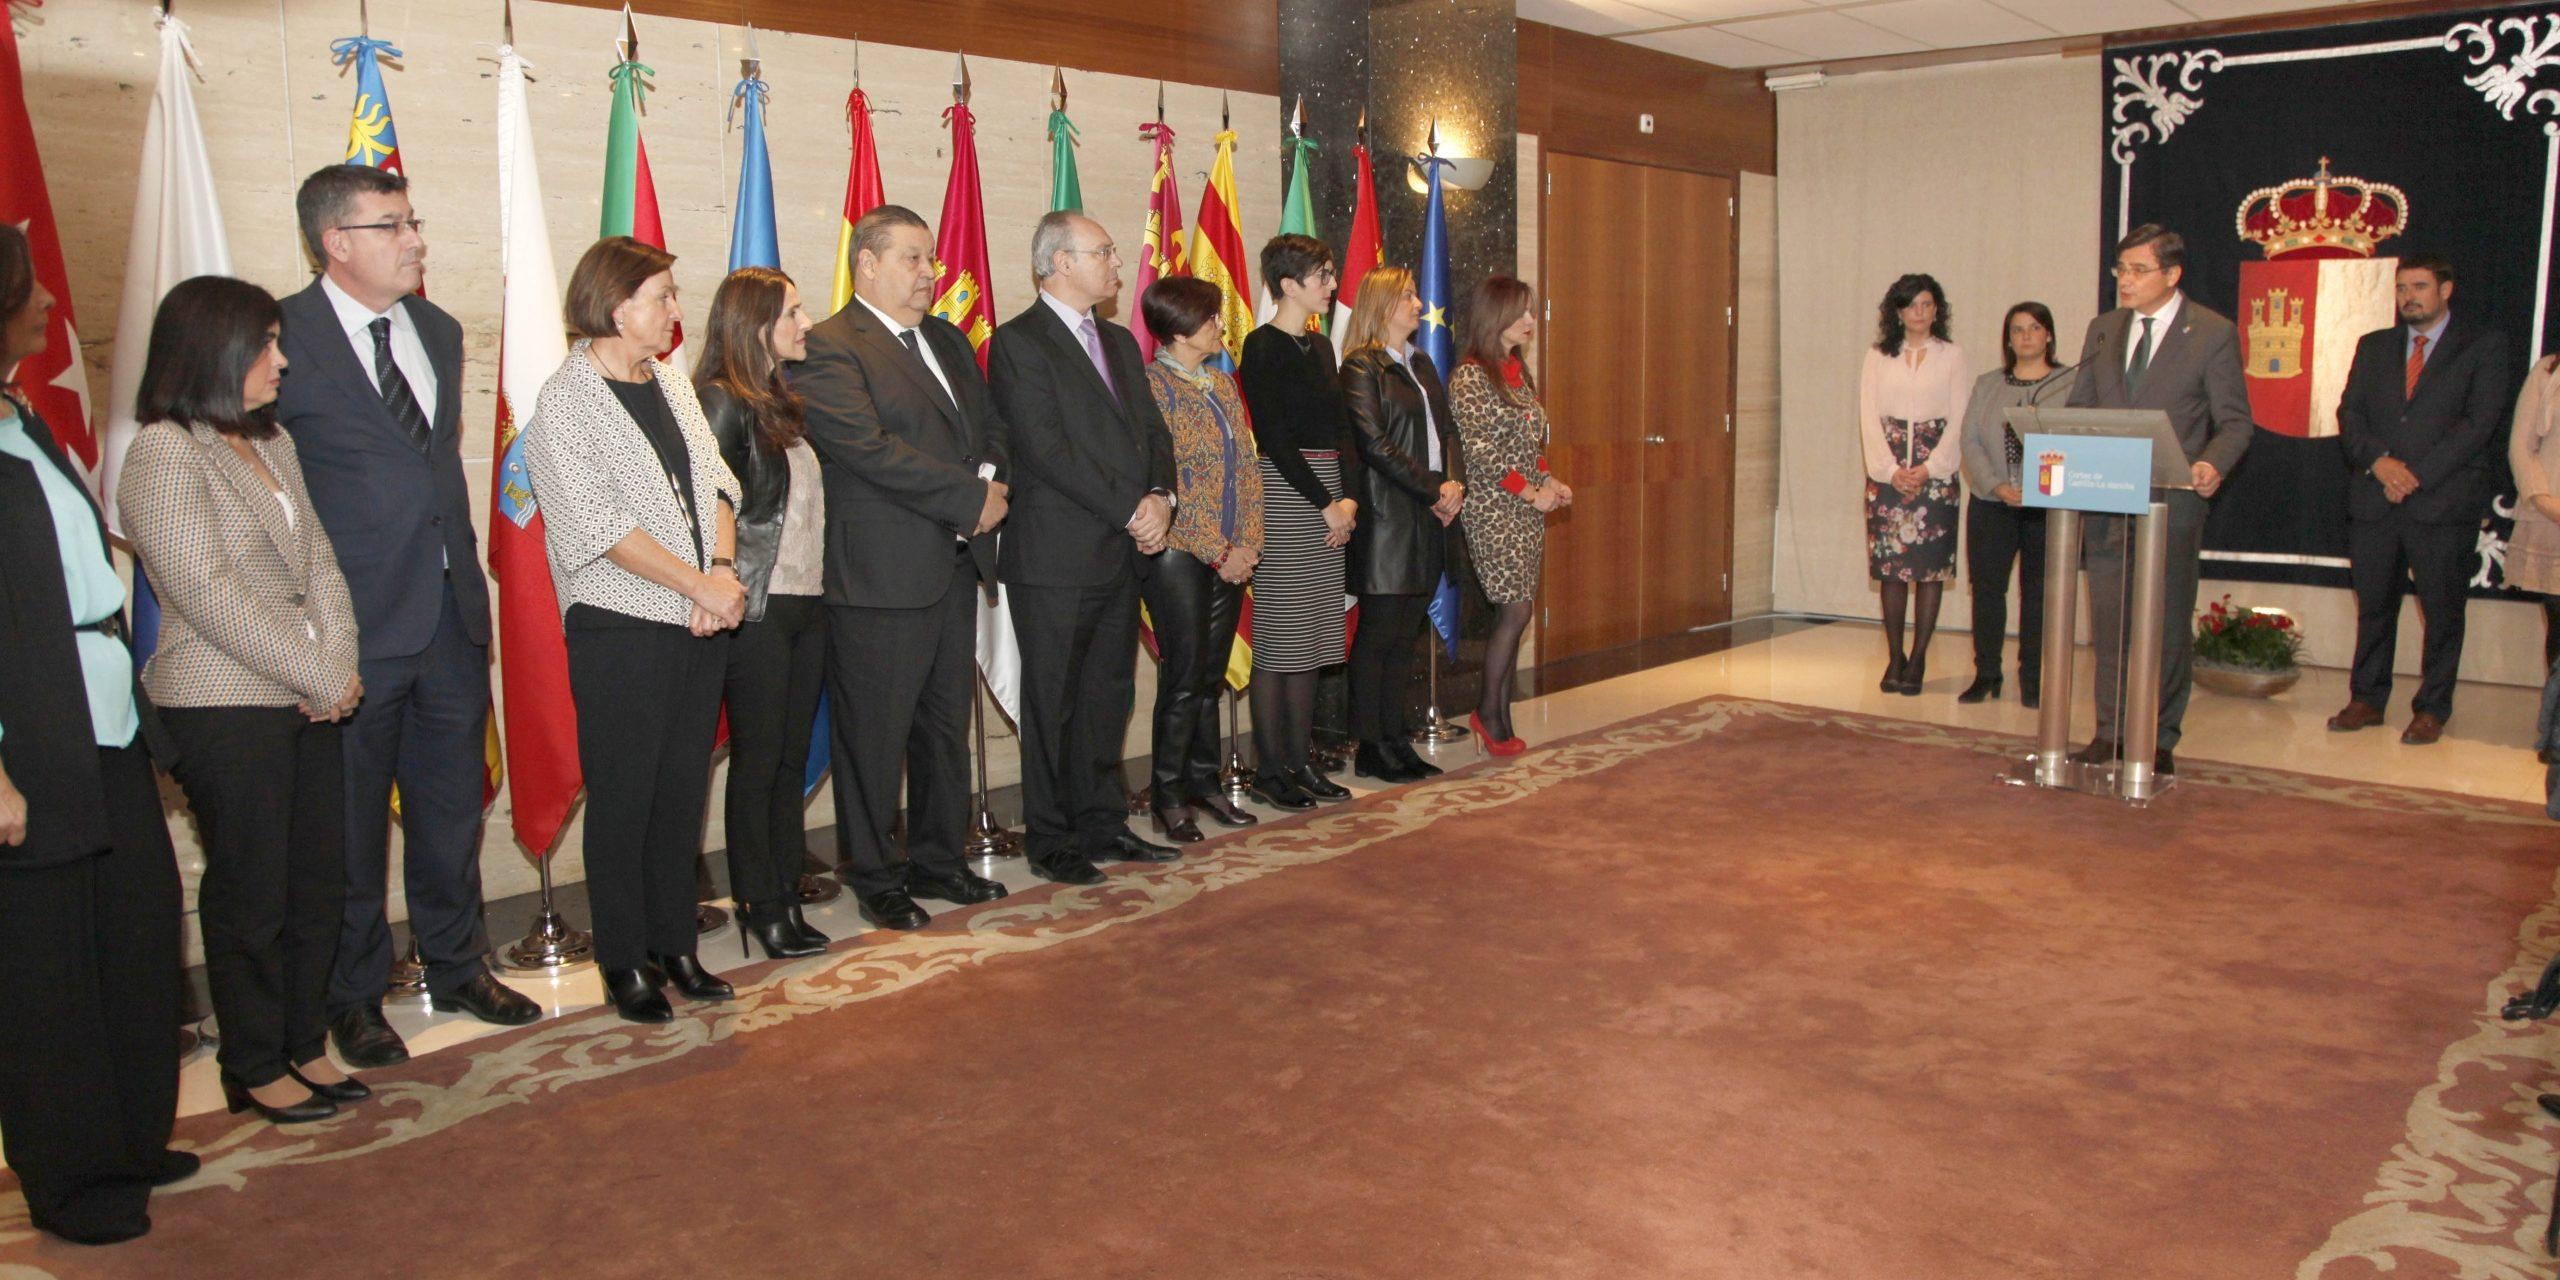 Pedro Sanjurjo con los presidentes y presidentas de las asambleas regionales